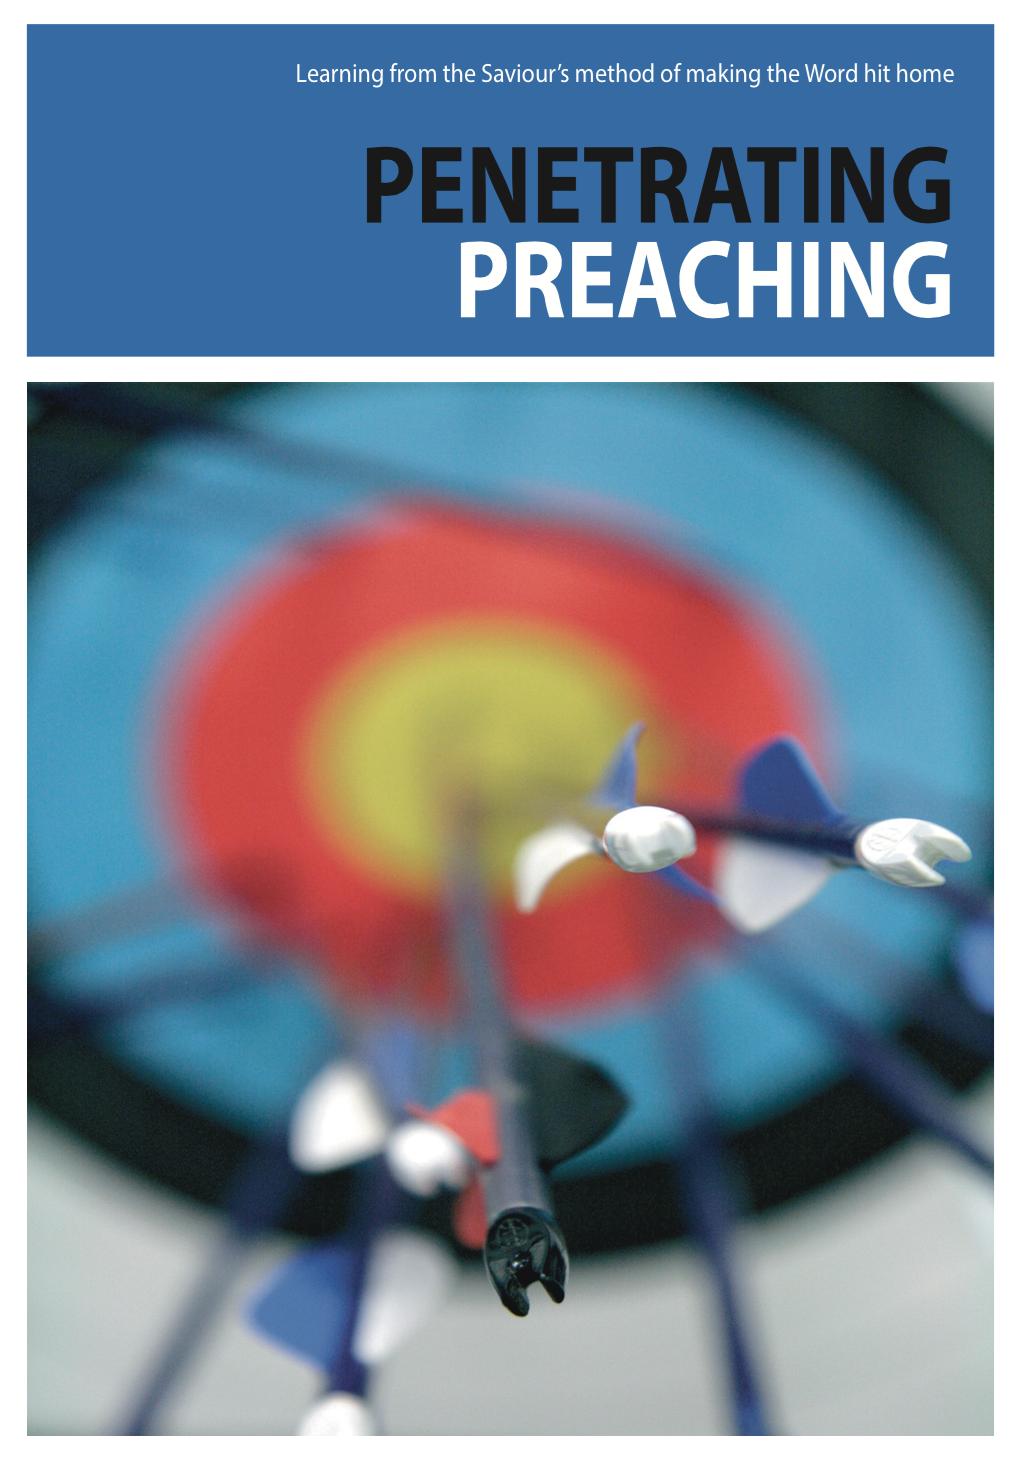 Penetrating-Preaching.png